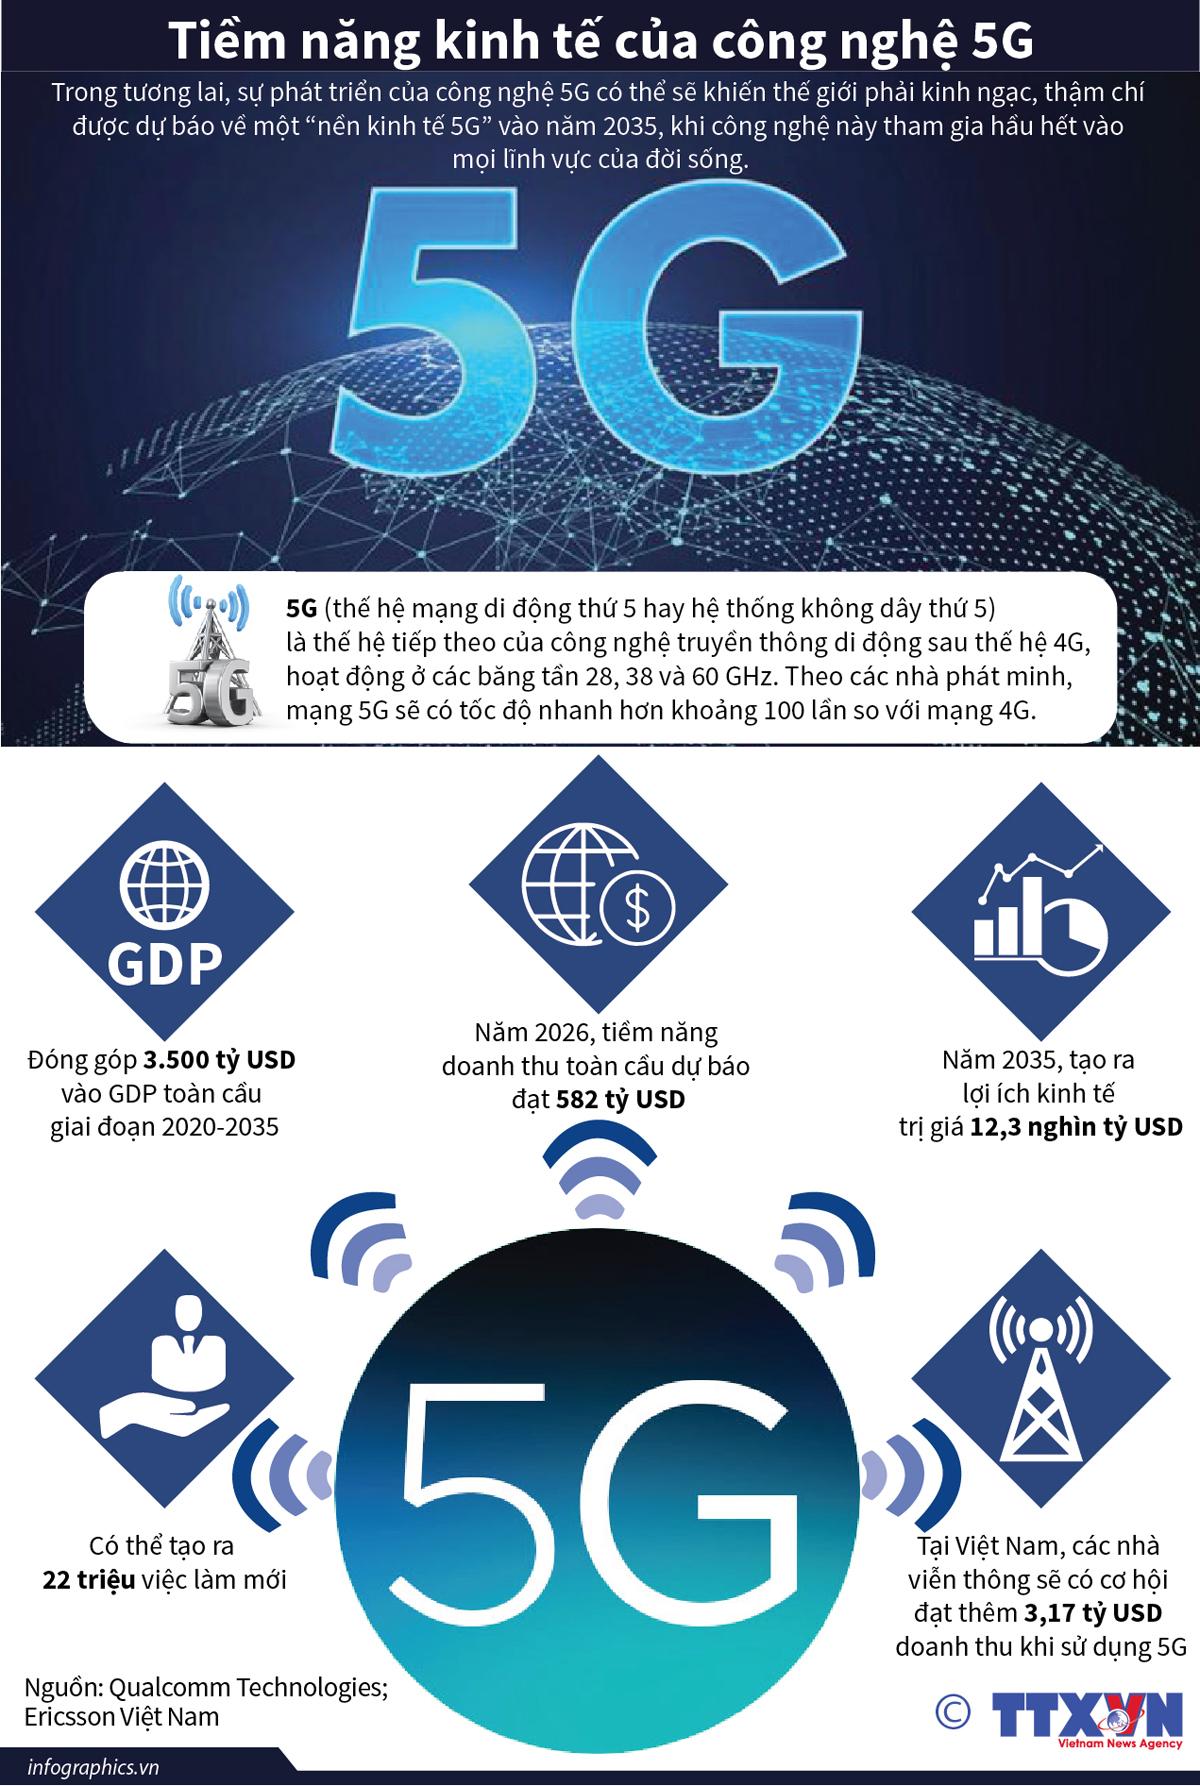 kinh tế, hội nhập, tiềm năng kinh tế, công nghệ 5G, công nghệ 4G